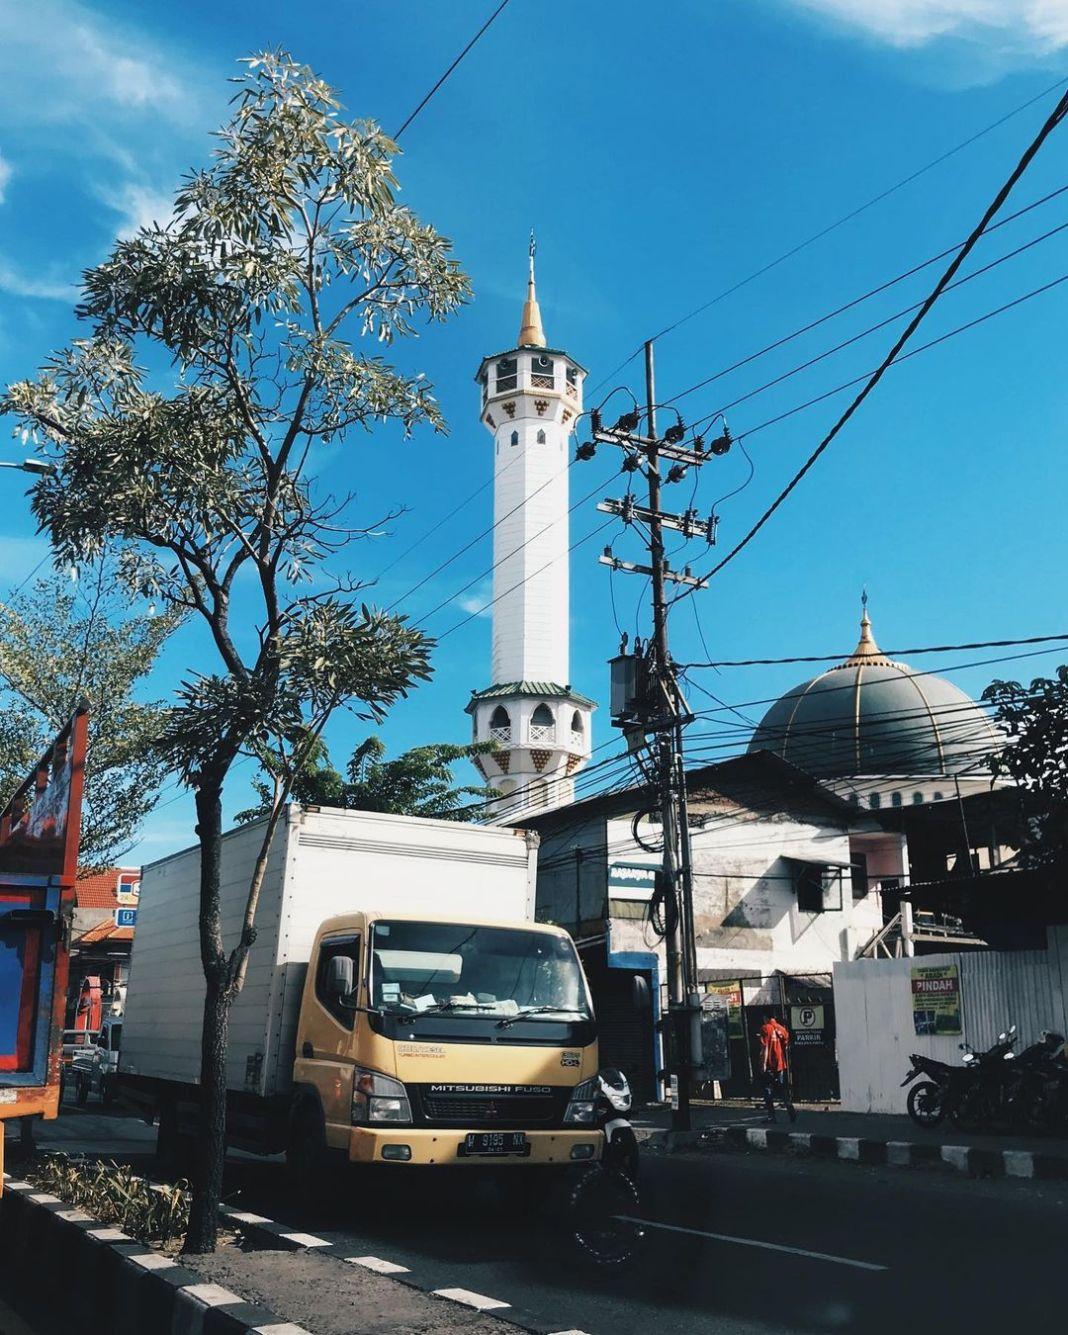 photo today taken at Raya Gedangan Captured by Sda team